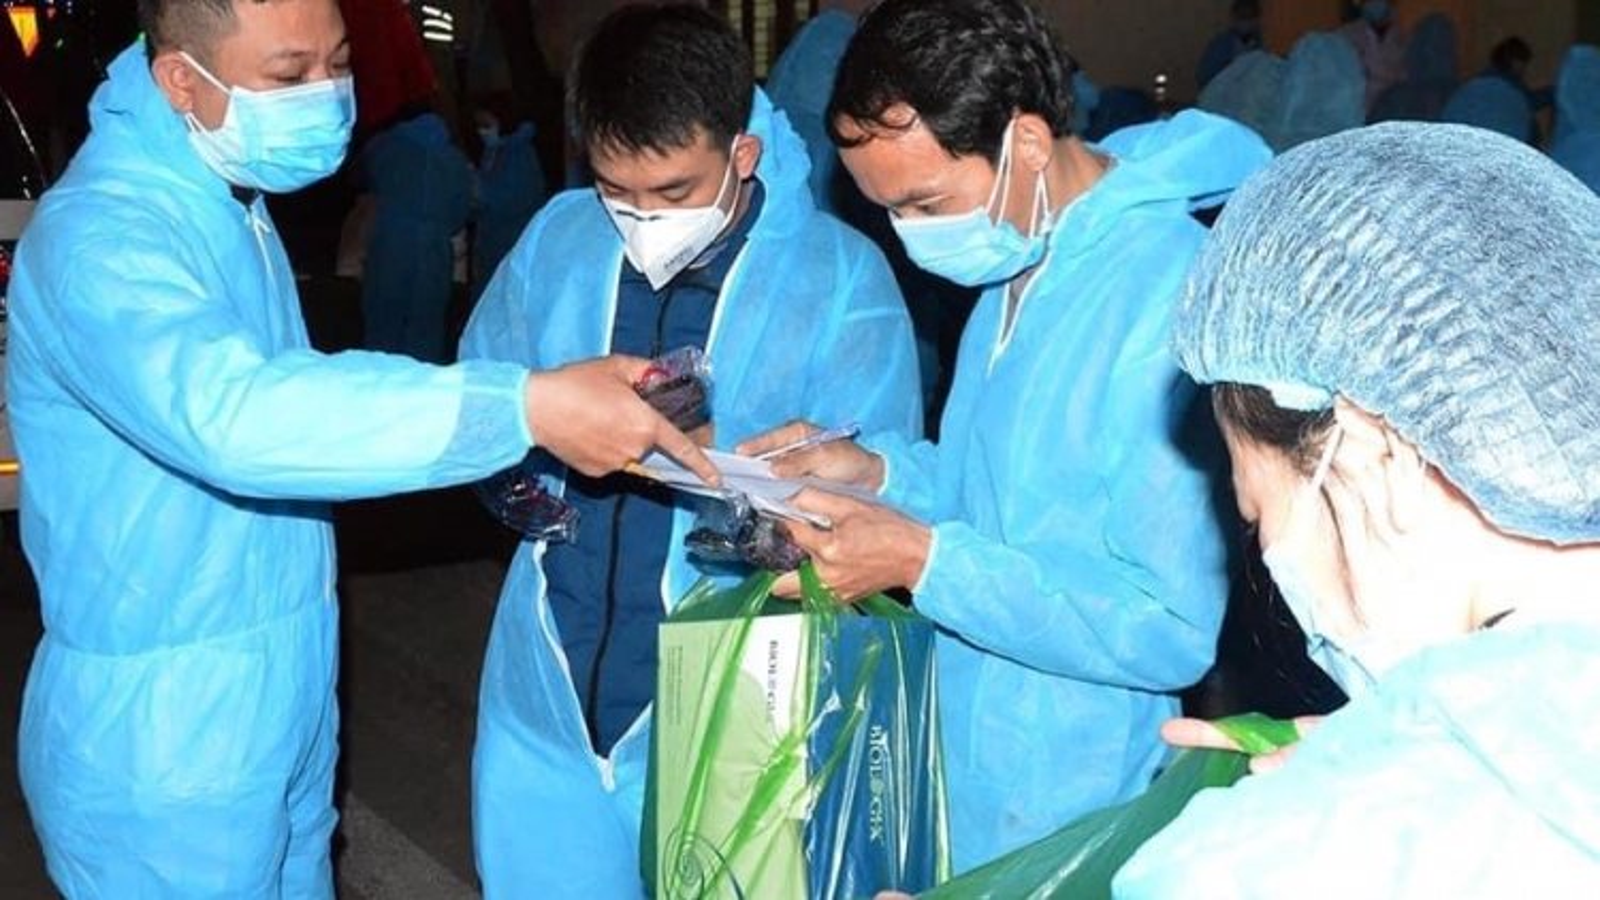 Ngành Y tế Quảng Ninh dốc toàn lực chống dịch Covid-19